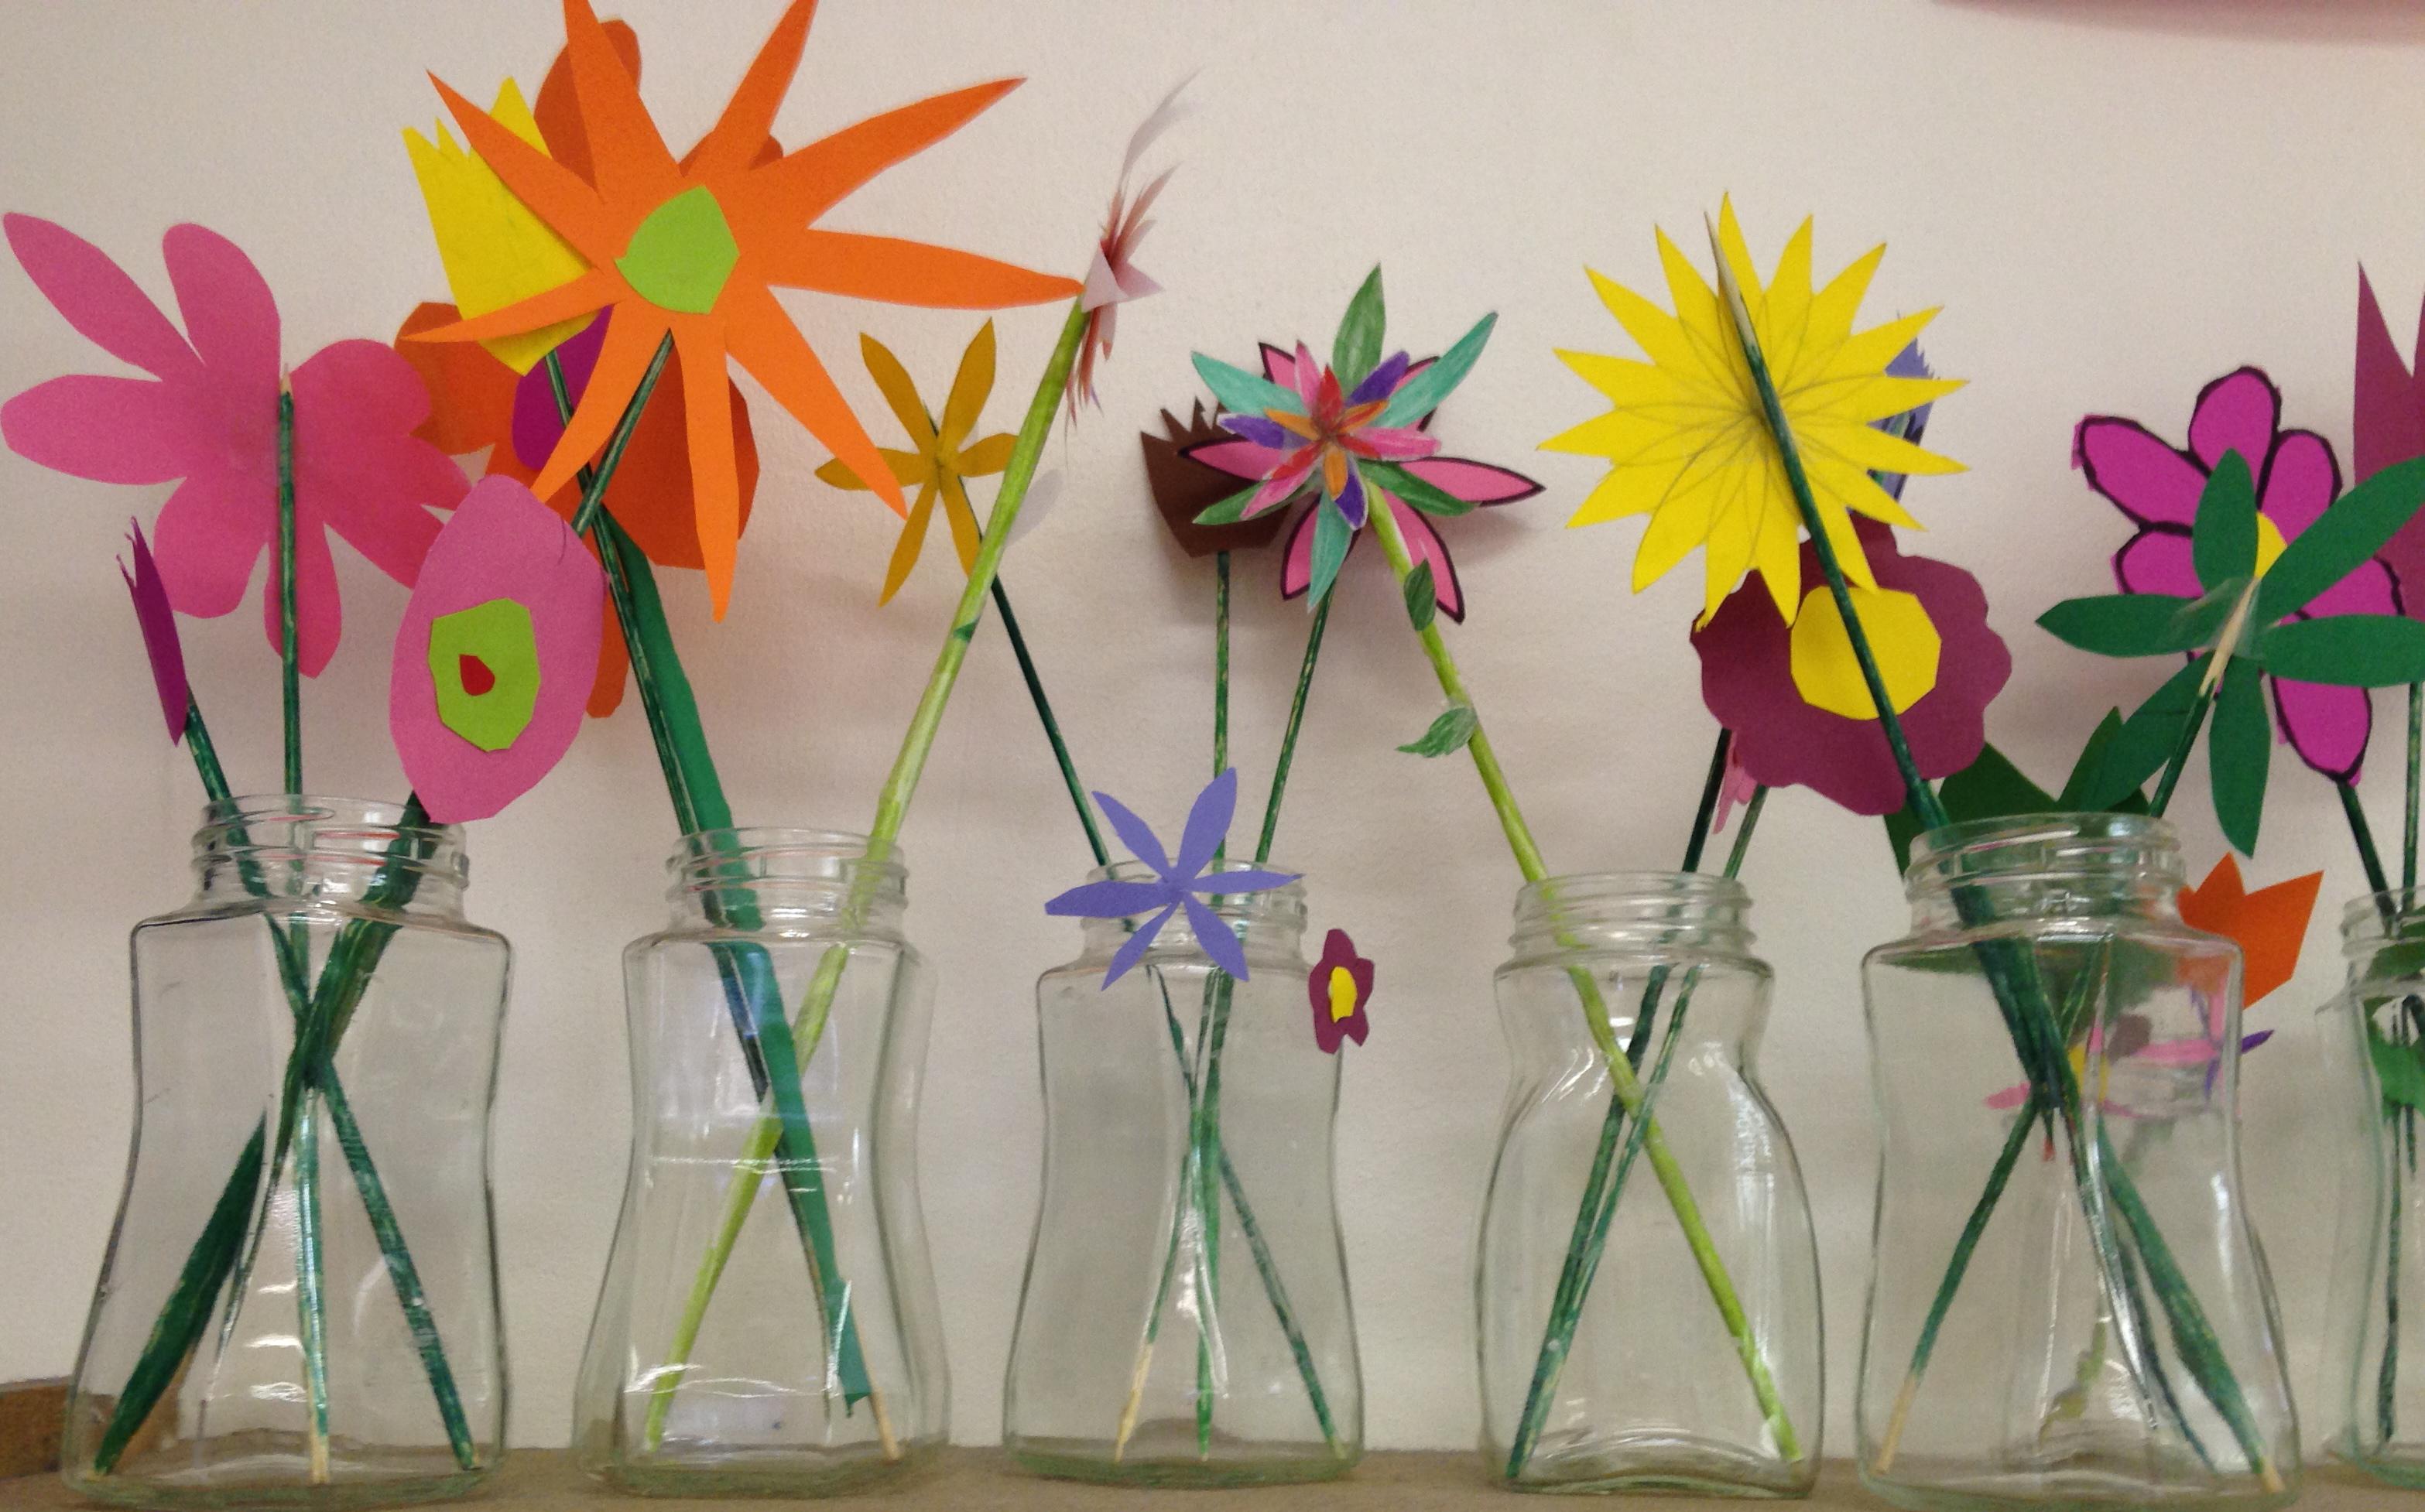 Un petit bricolage r alis par les l ves de la classe de for Decoration fenetre printemps maternelle